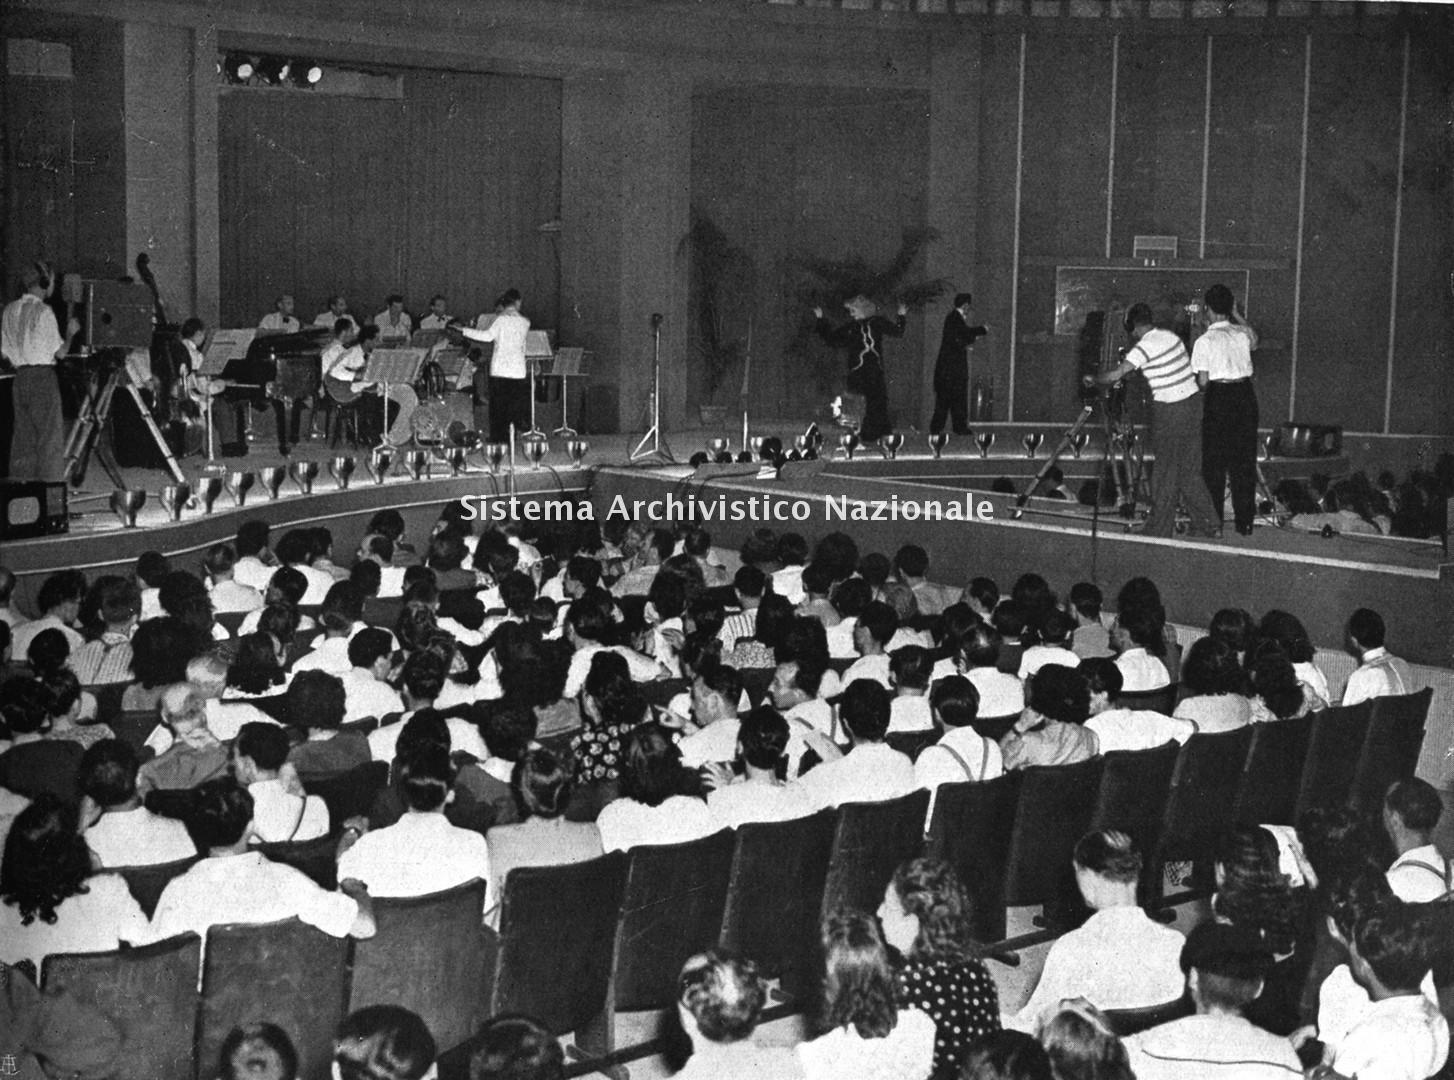 Fiera Campionaria, auditorium, Milano 1947